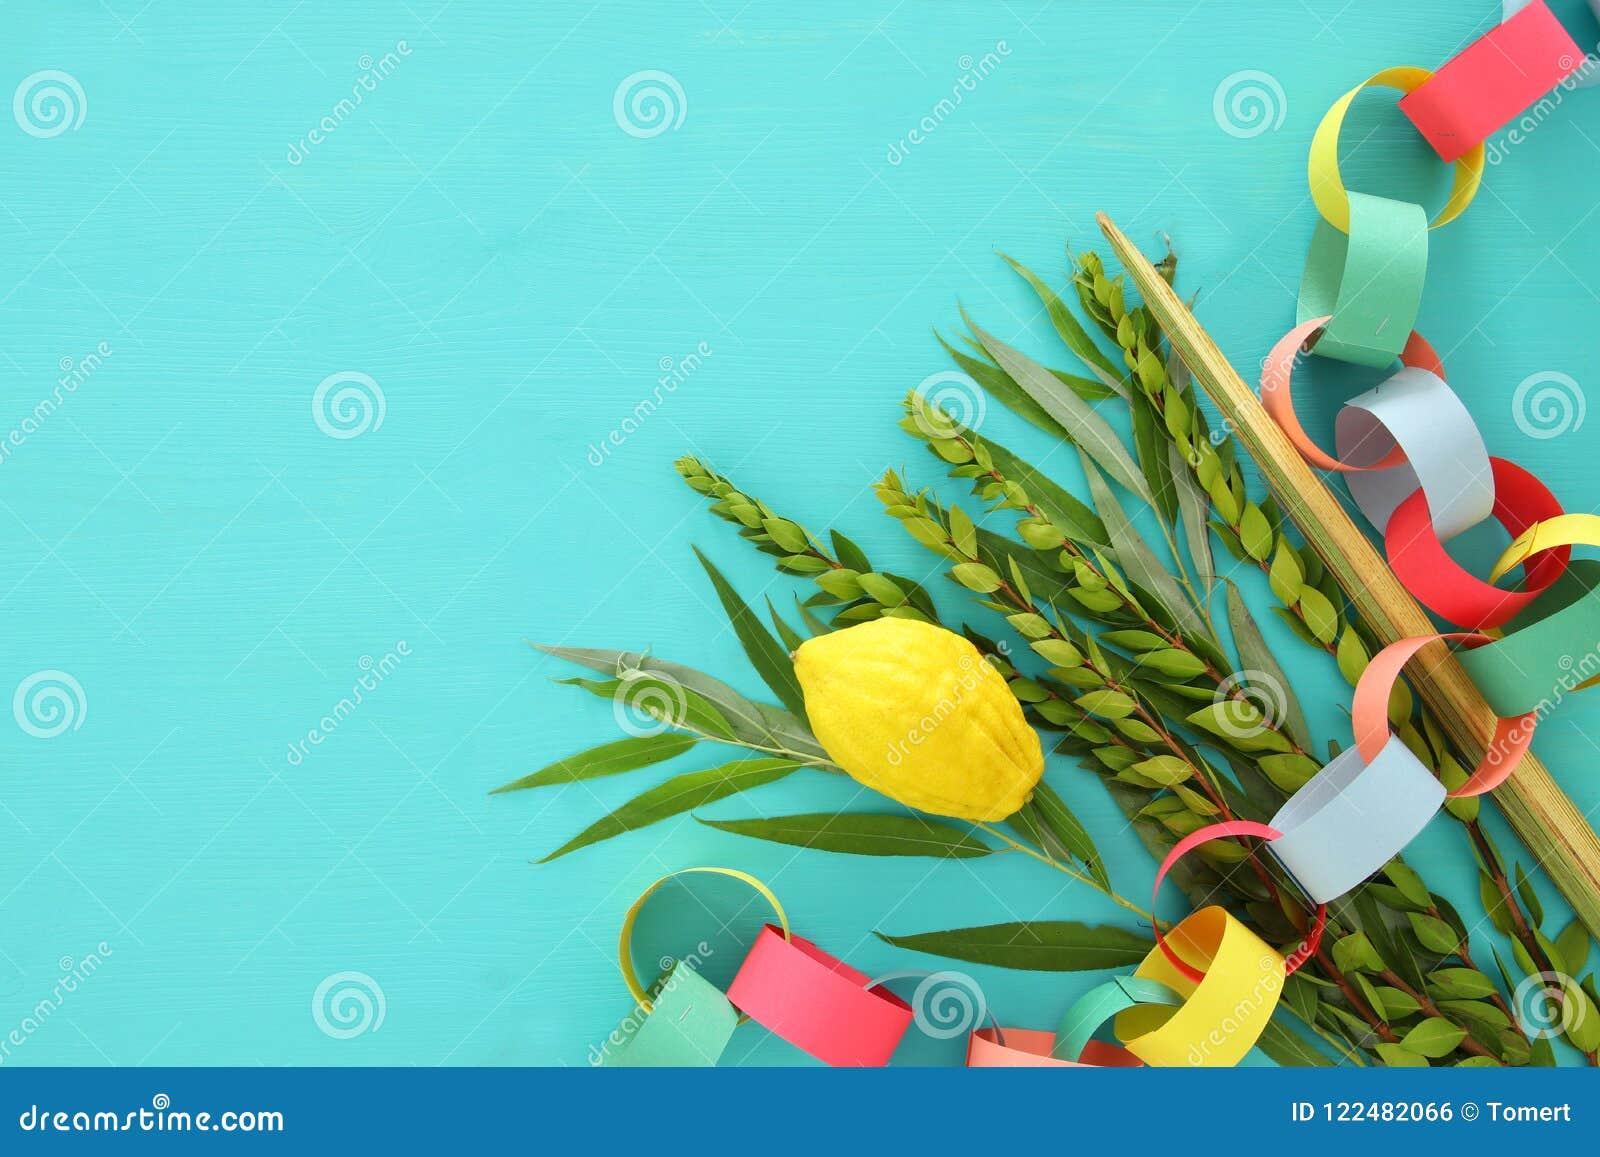 Festival judaico de Sukkot Símbolos tradicionais as quatro espécies: Etrog, lulav, hadas, arava